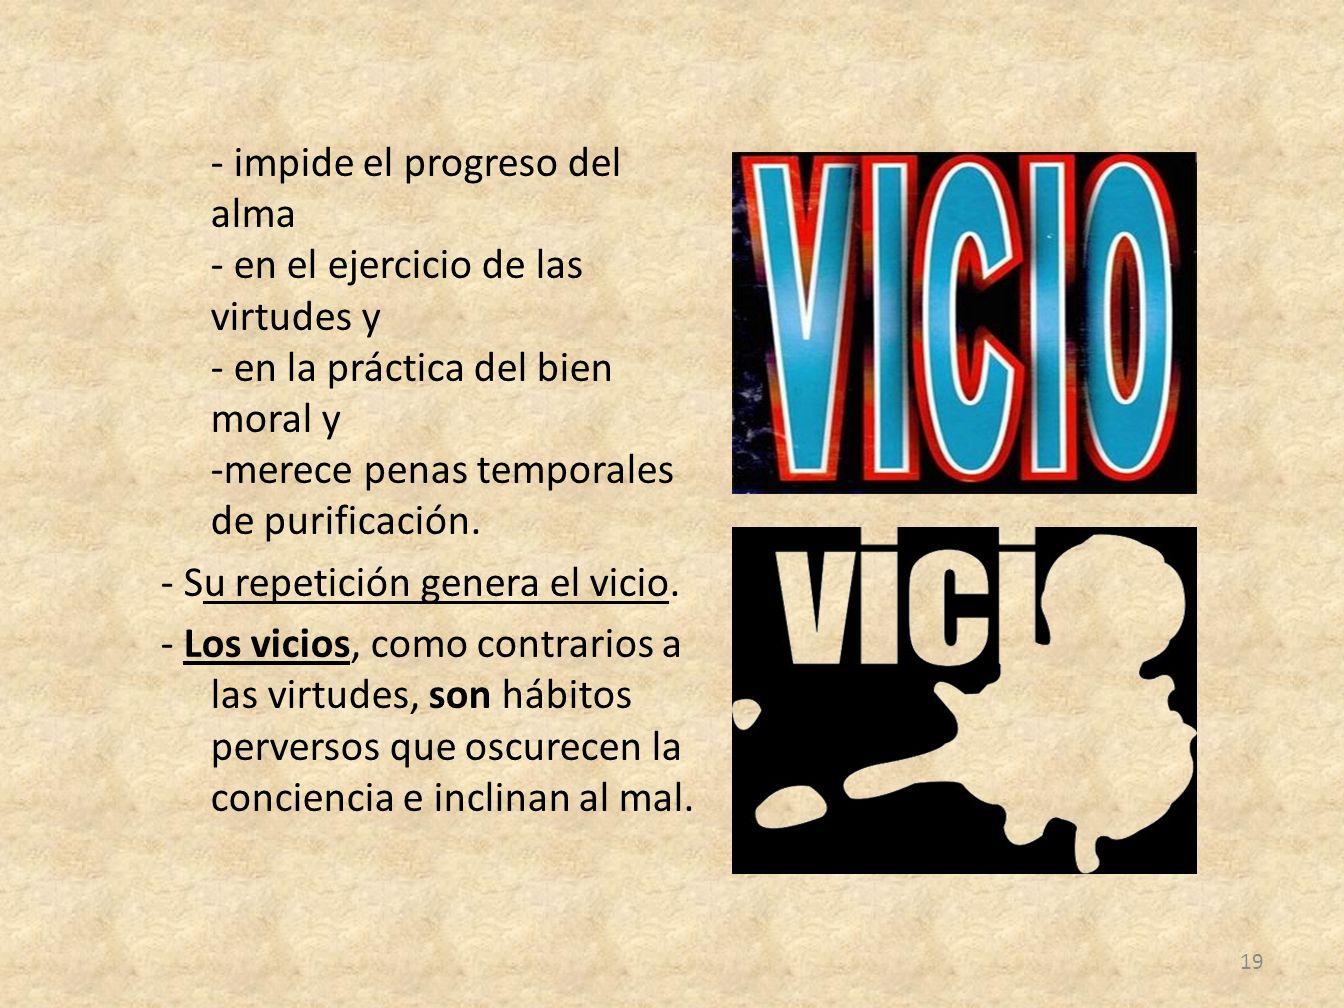 - impide el progreso del alma - en el ejercicio de las virtudes y - en la práctica del bien moral y -merece penas temporales de purificación. - Su rep